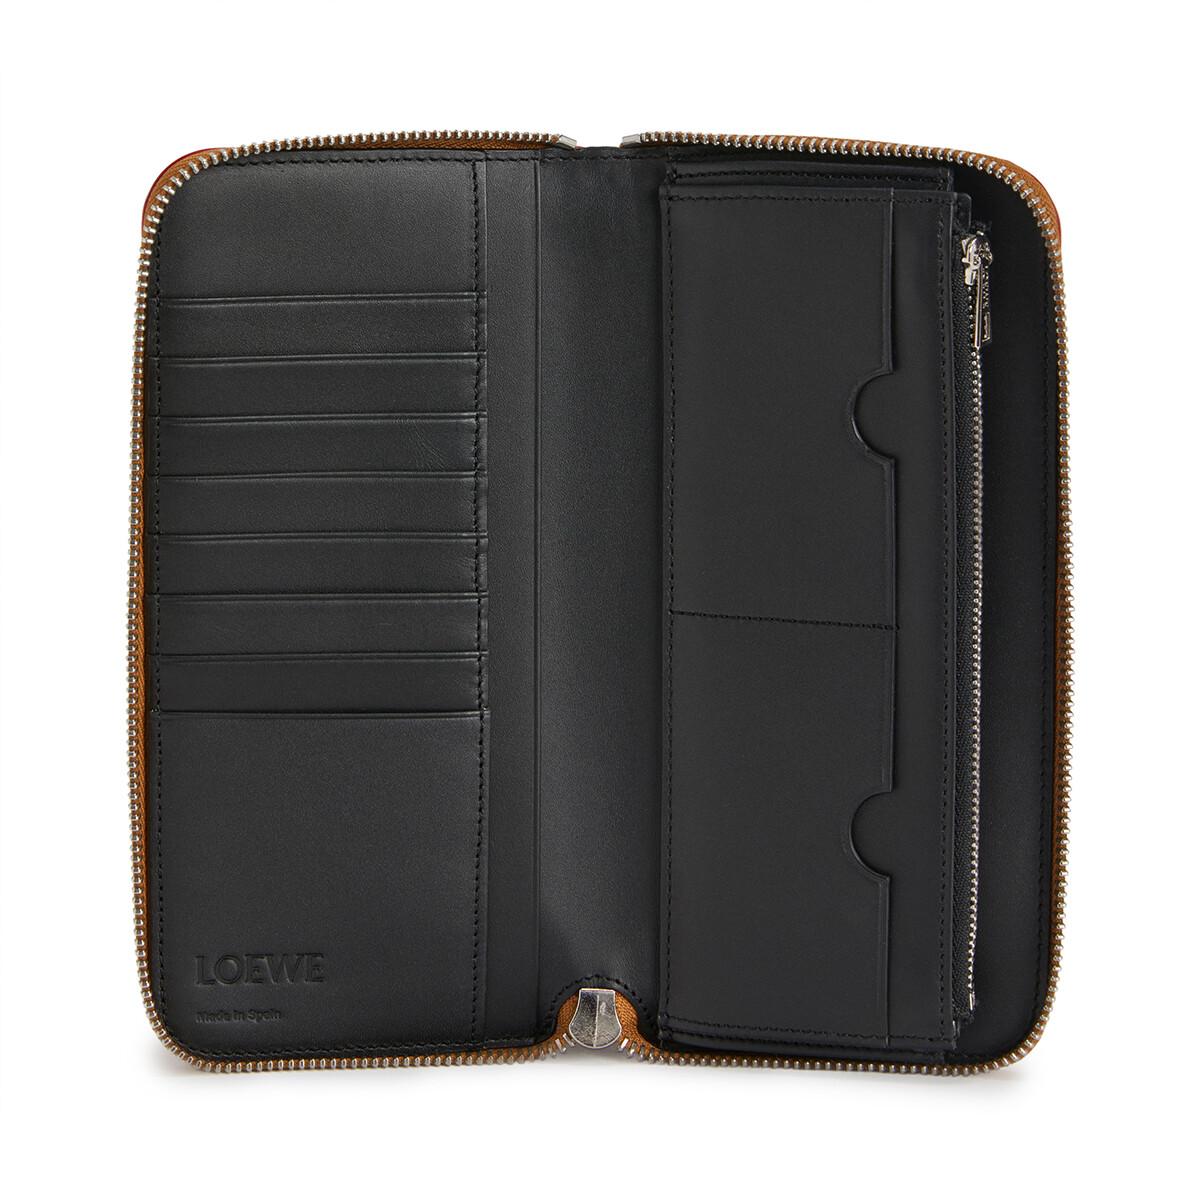 LOEWE Brand Open Wallet ハニー front